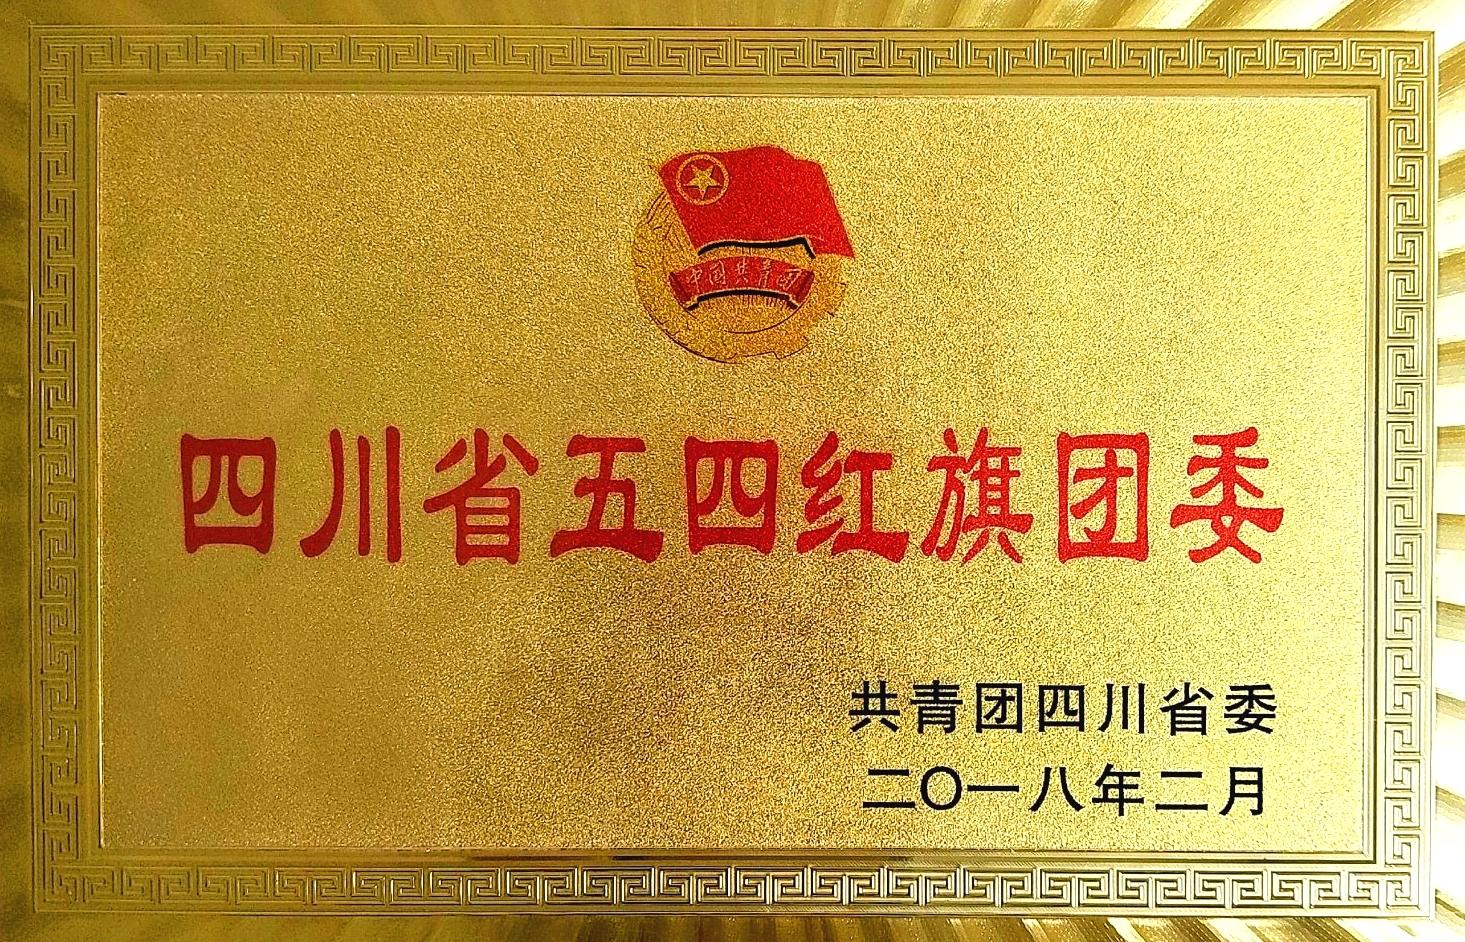 红旗团委l_看图王.jpg